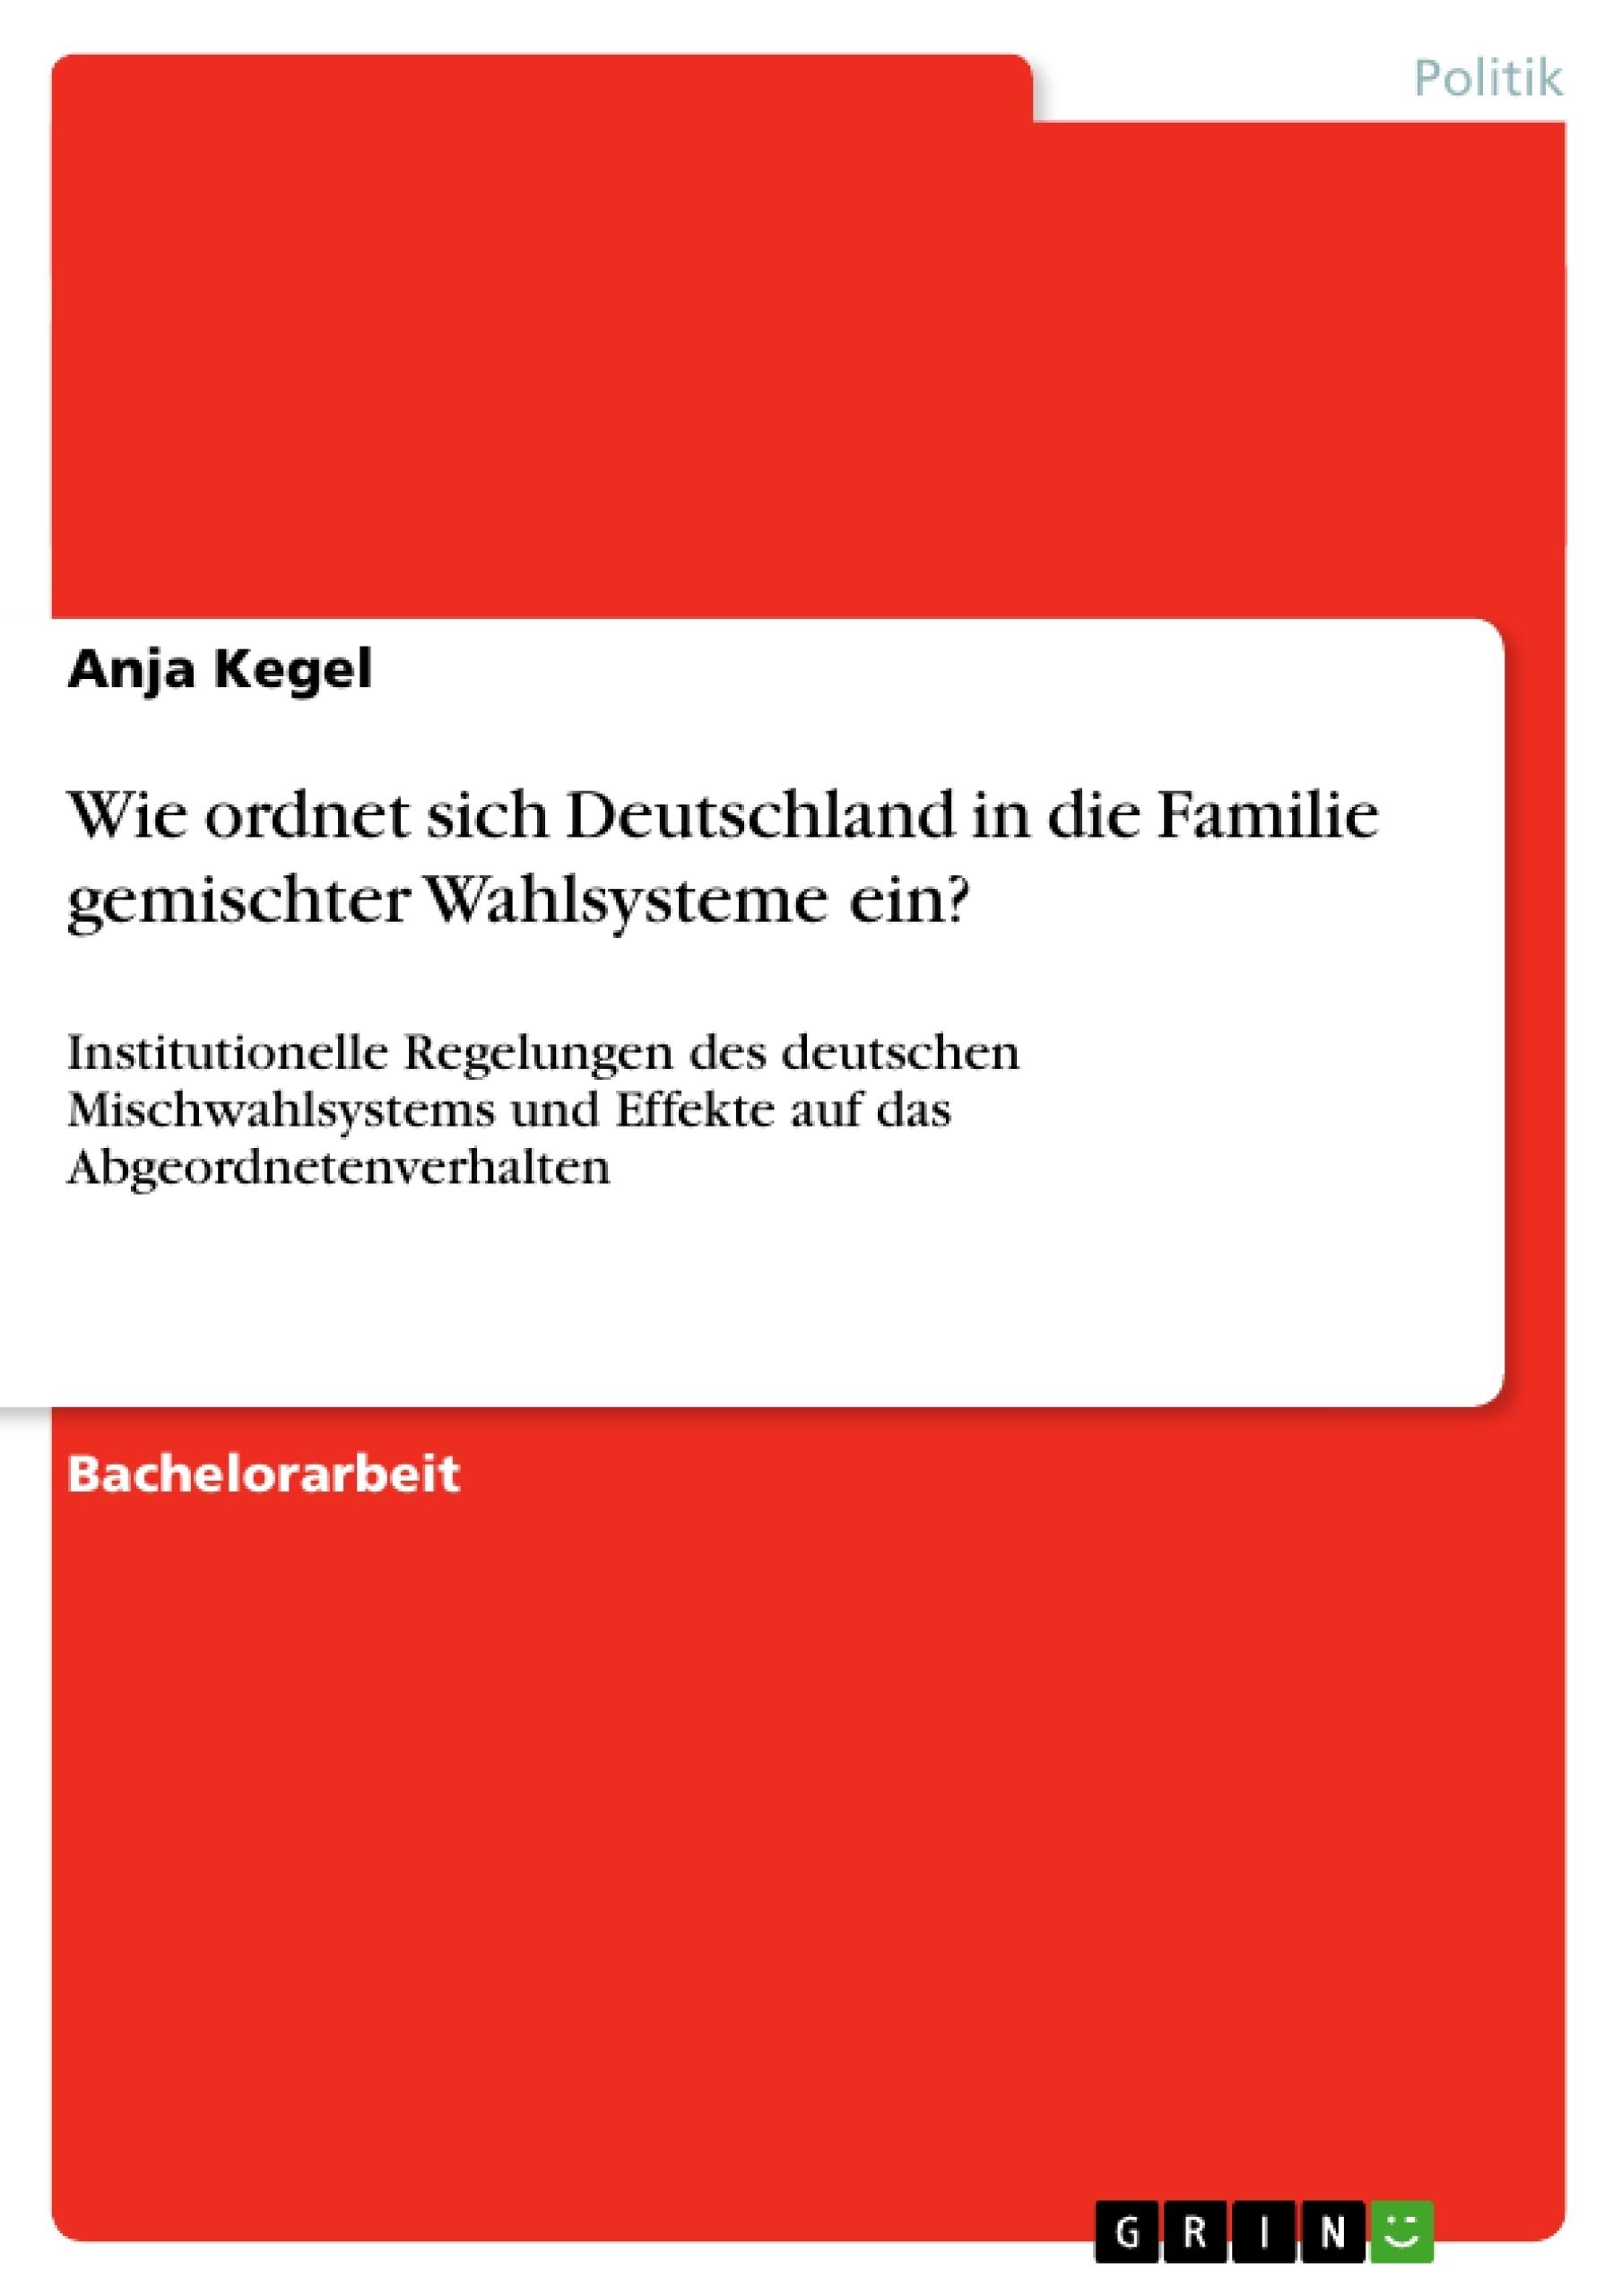 Titel: Wie ordnet sich Deutschland in die Familie gemischter Wahlsysteme ein?